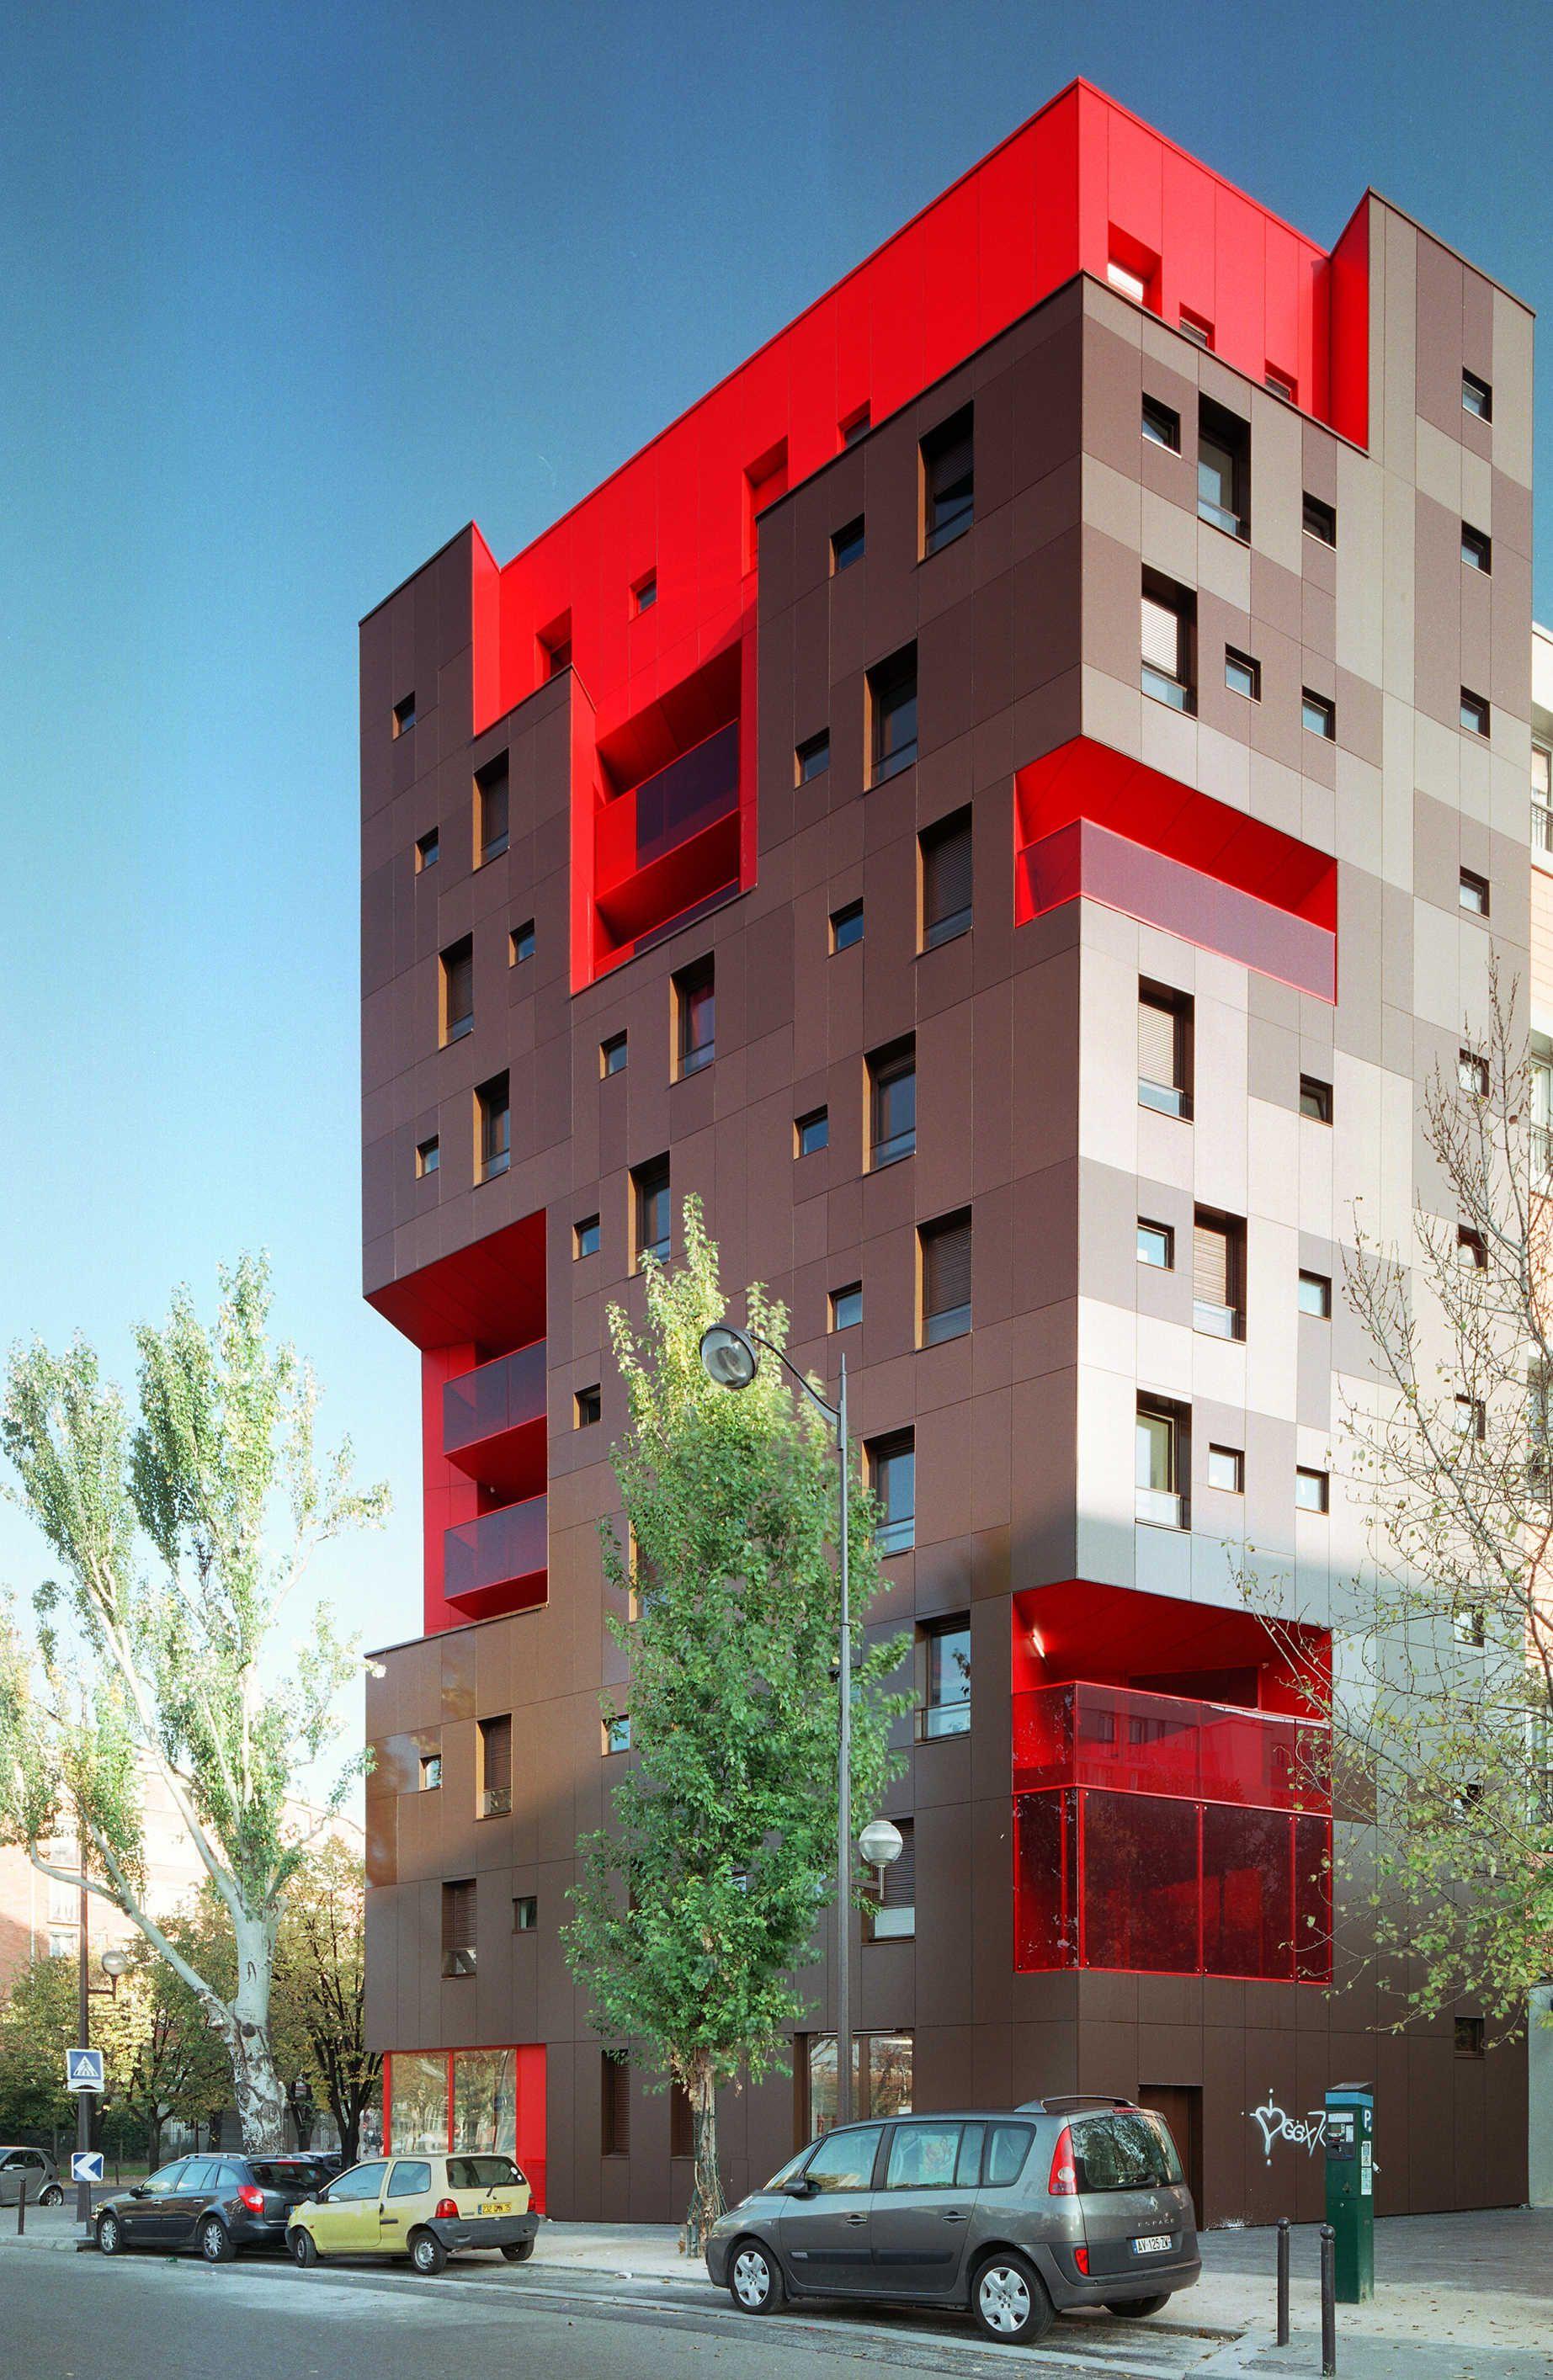 logements 6 place du dr yersin paris 13 koz architectes paris habitat oph fa ades en. Black Bedroom Furniture Sets. Home Design Ideas